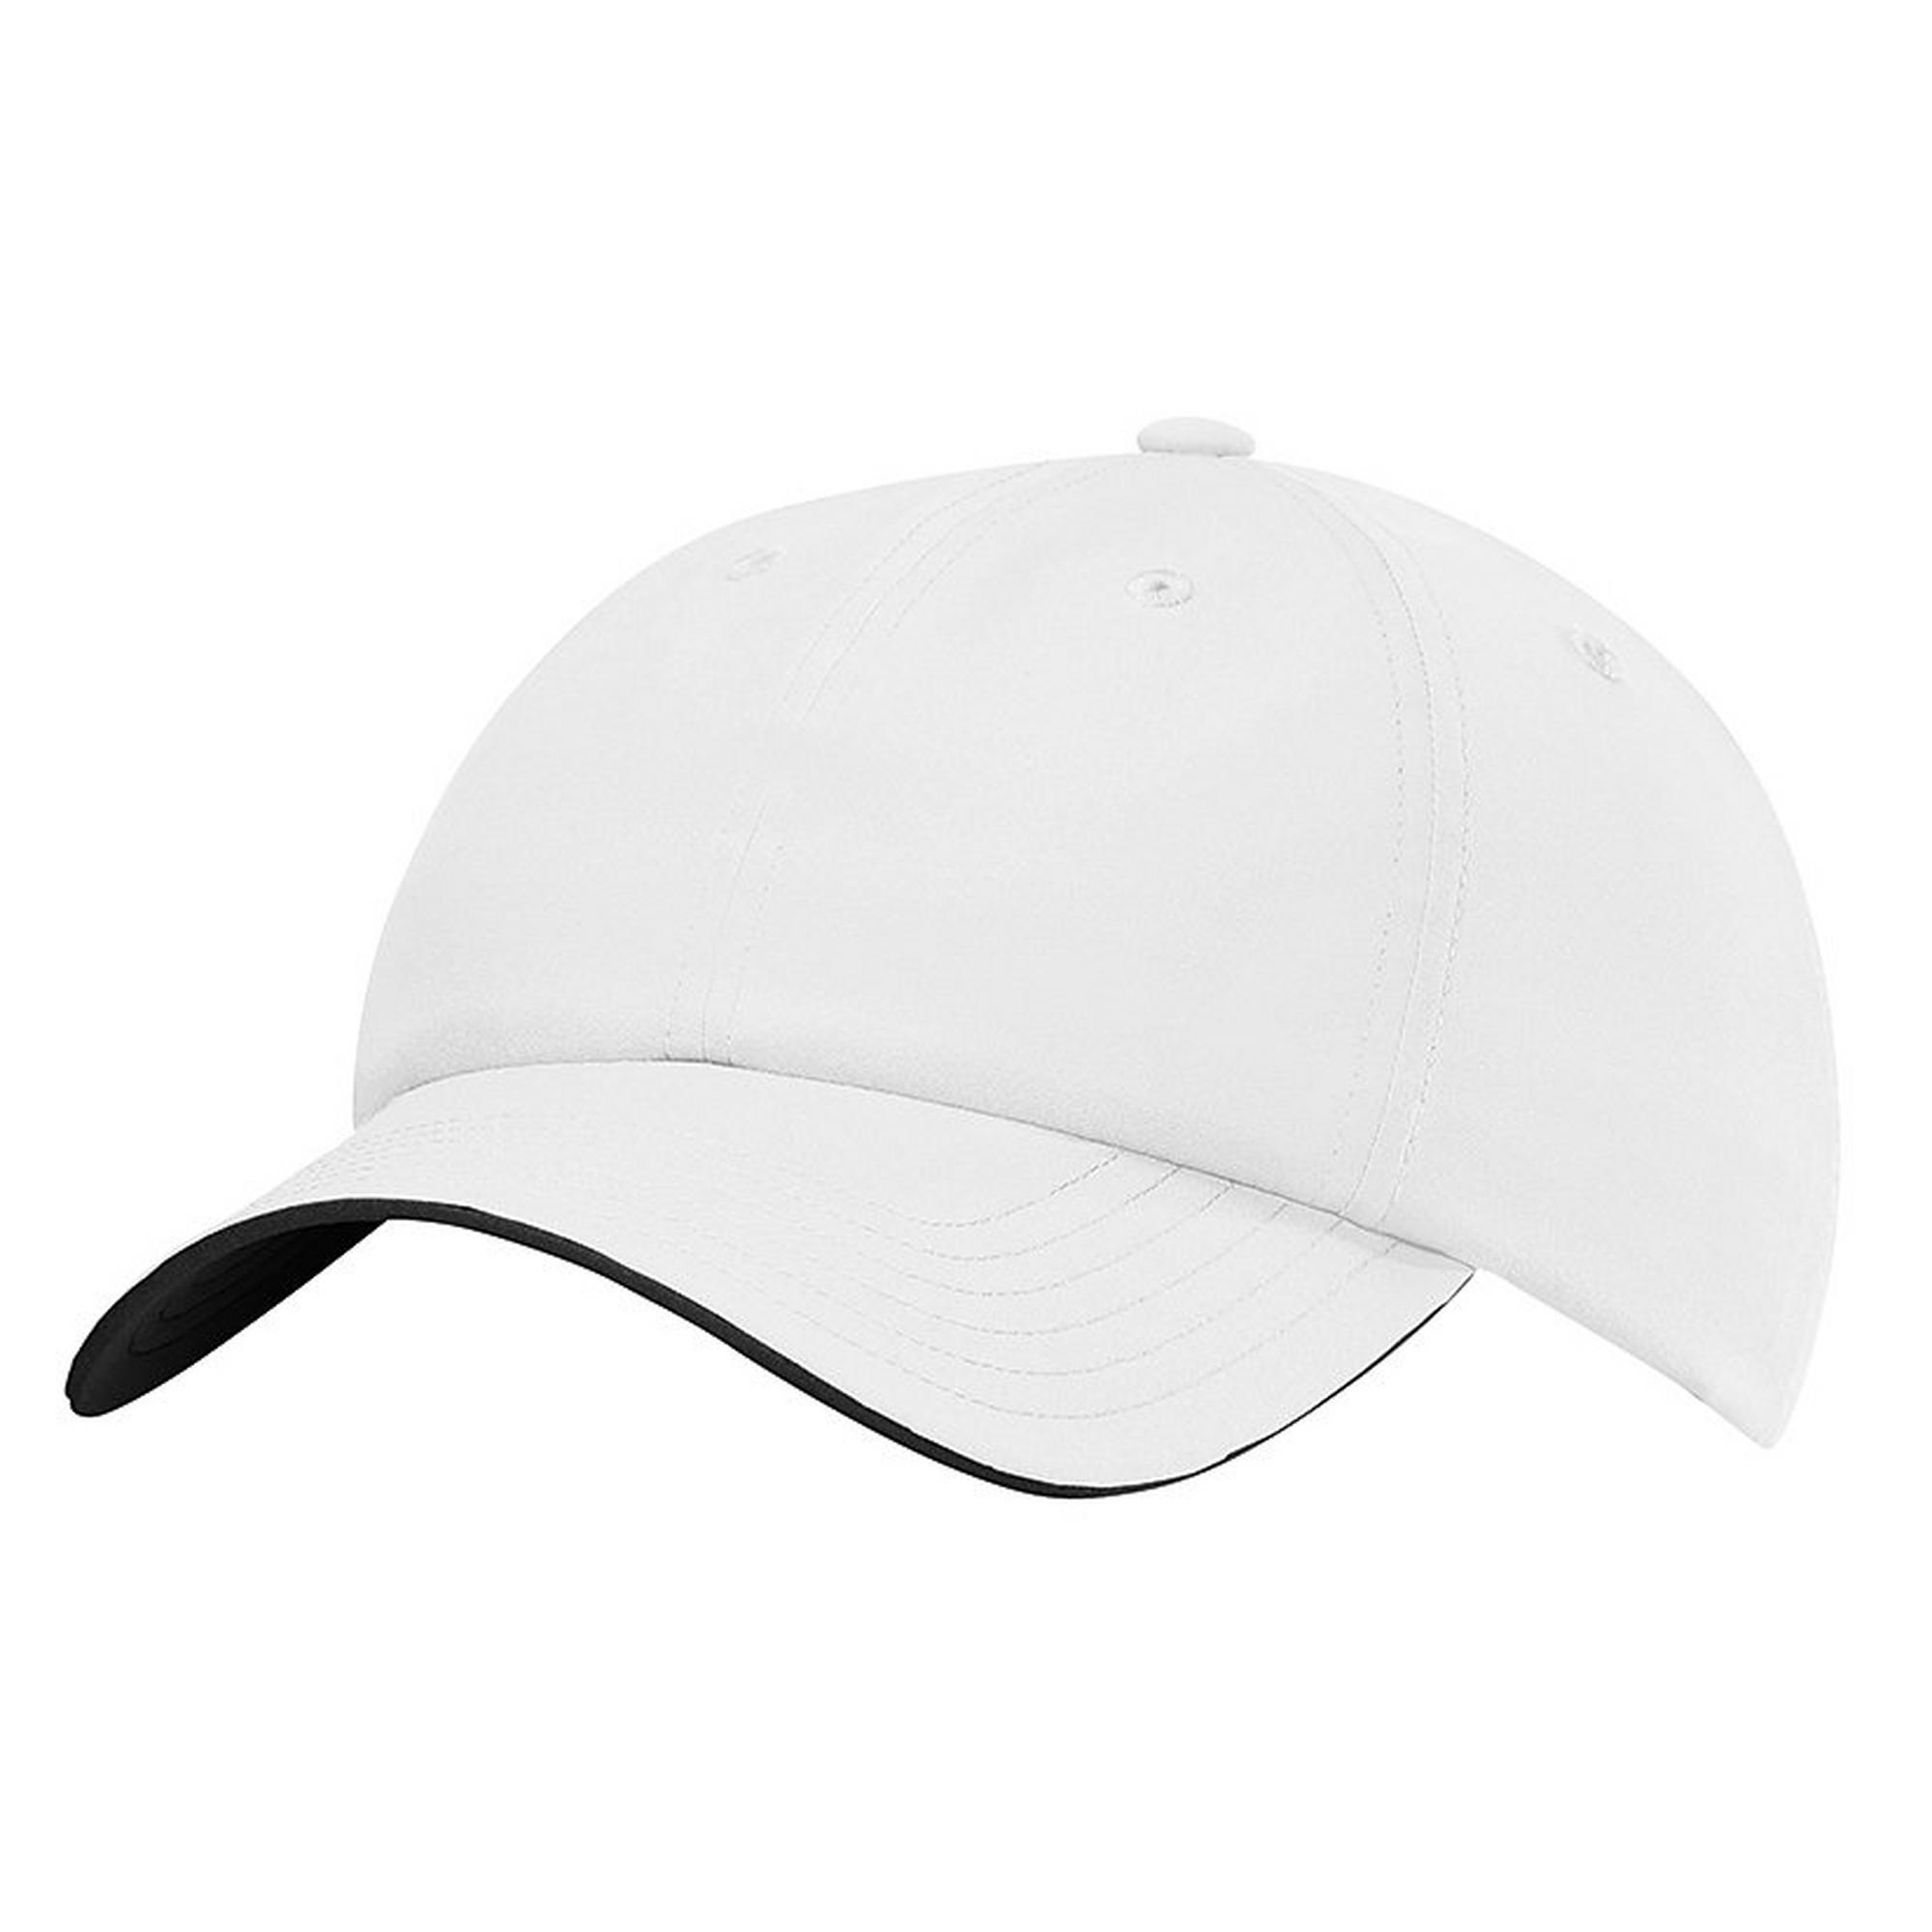 Mens Performance Solid Cap